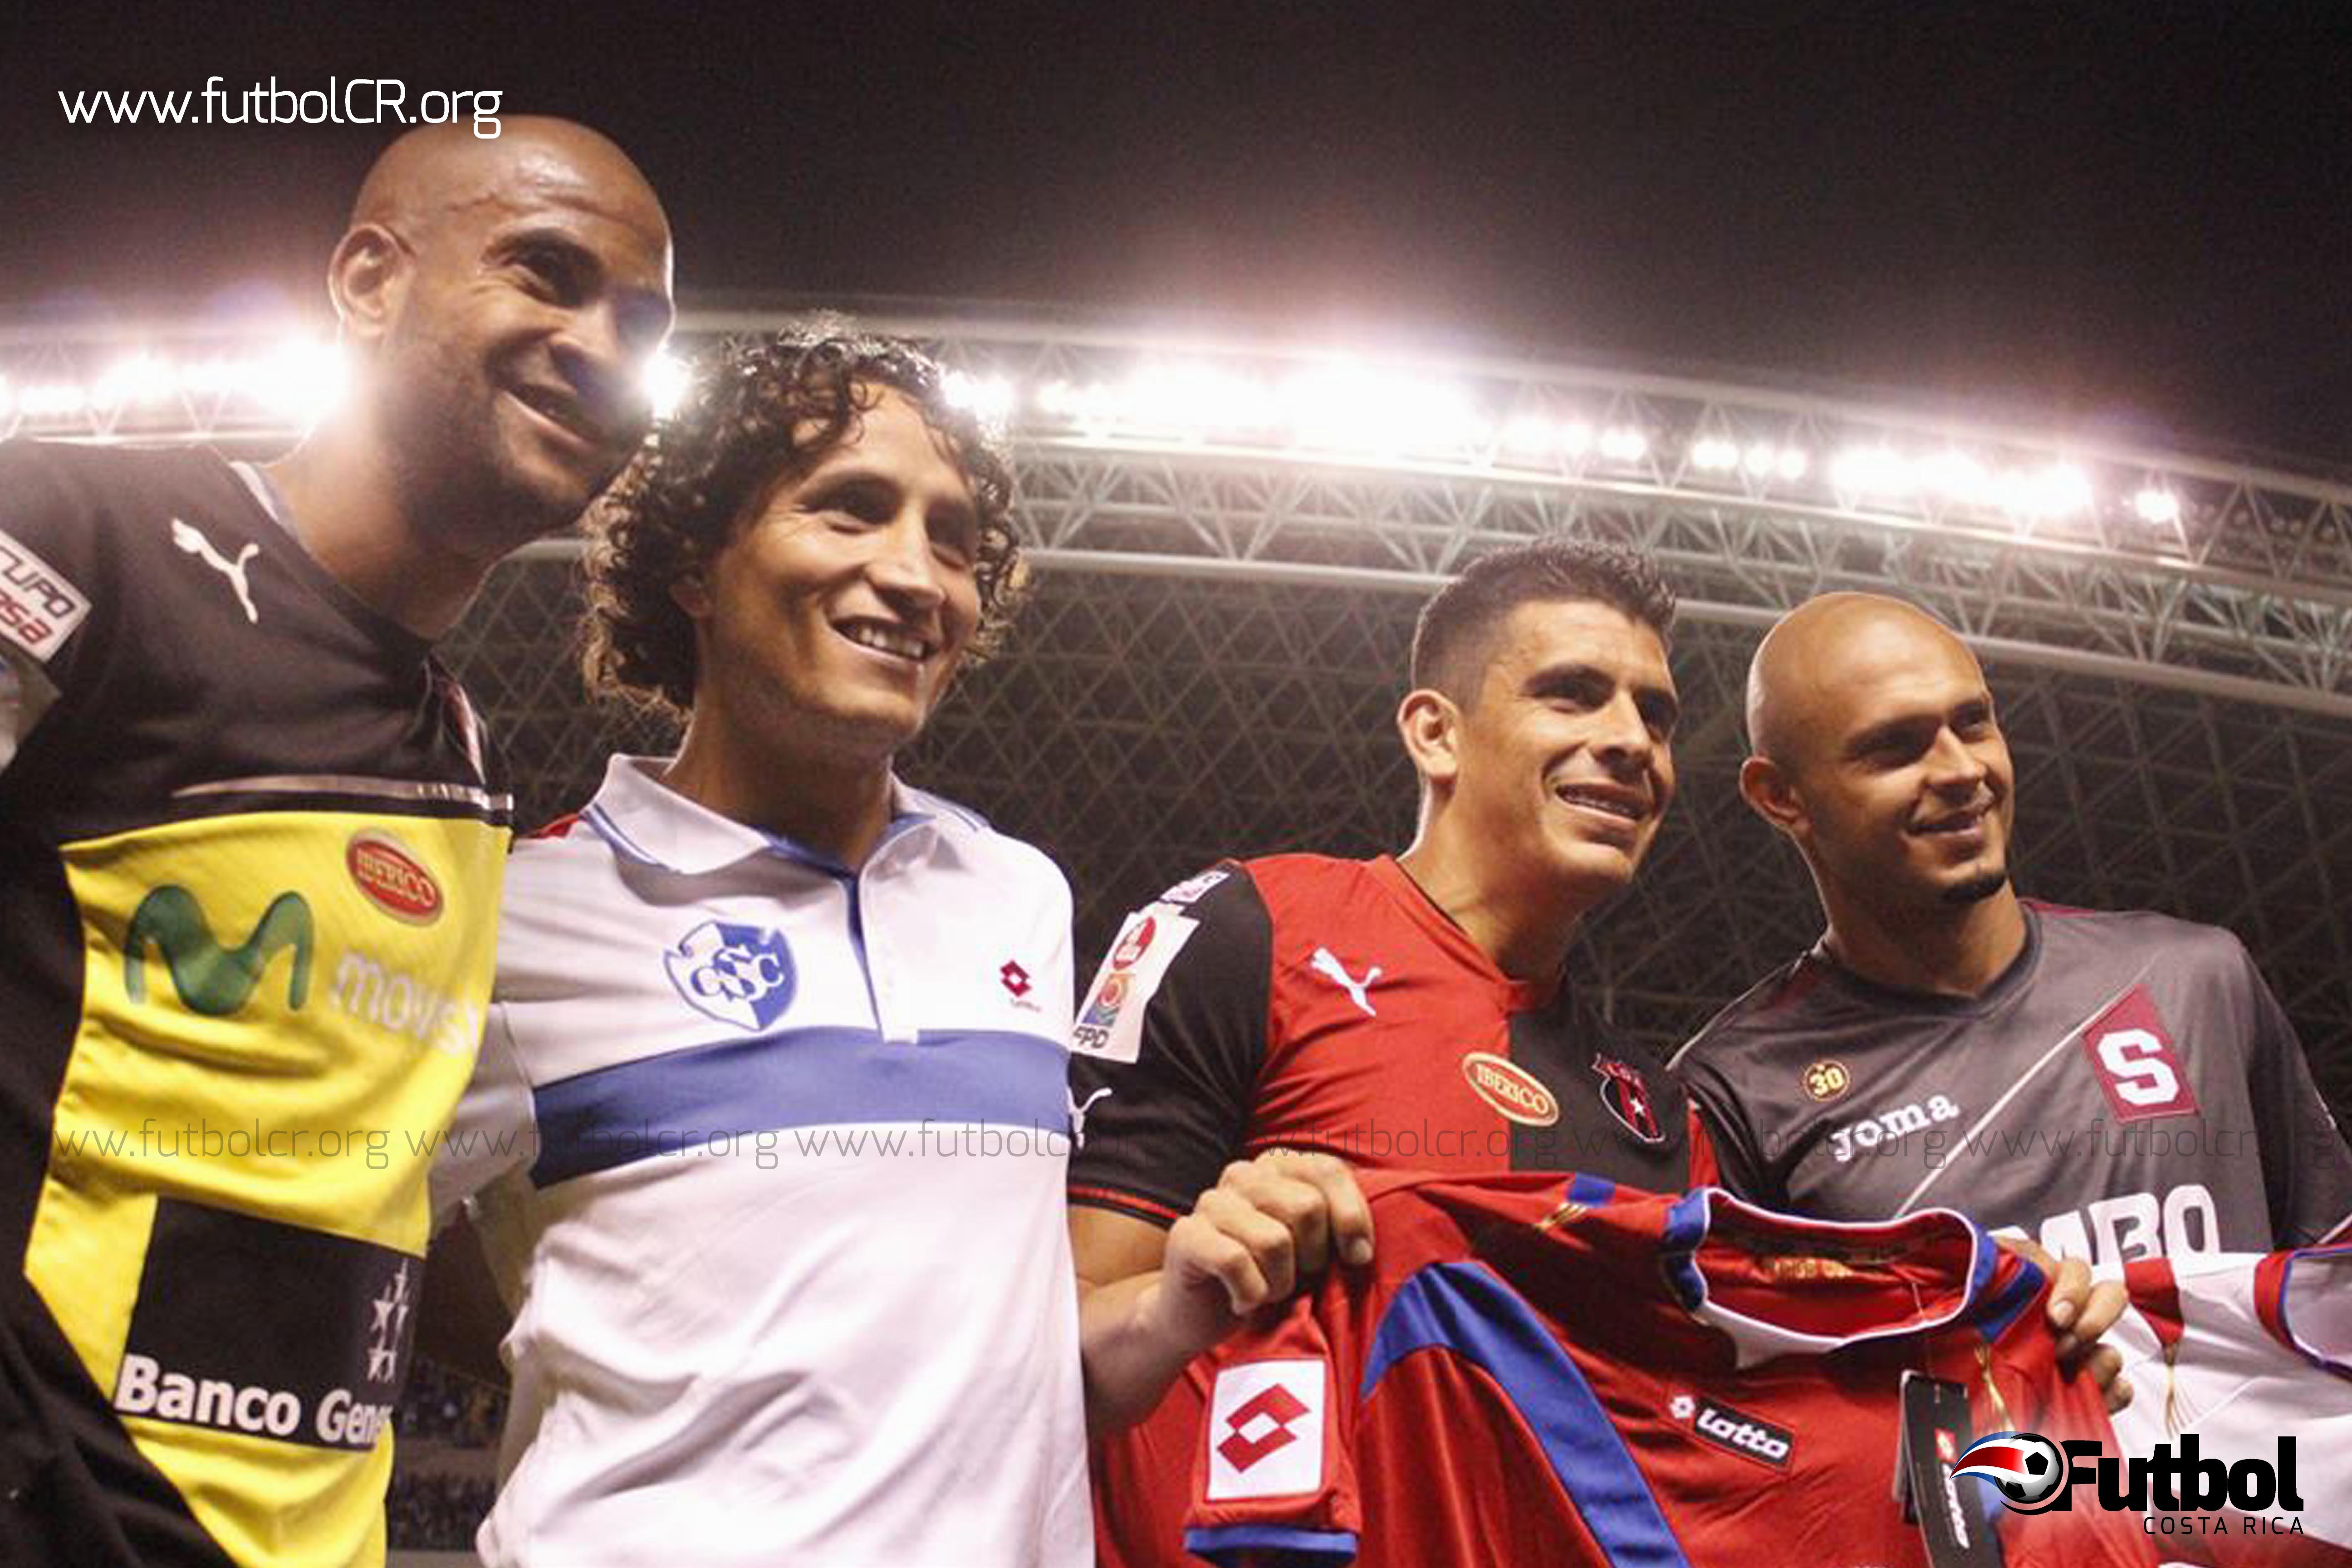 Durante la actividad, la Selección Nacional fue homenajeada por lo hecho en Brasil 2014. En representación de la tricolor, Patrick Pemberton, Randall Brenes, Johnny Acosta y heiner Mora lo recibieron.,